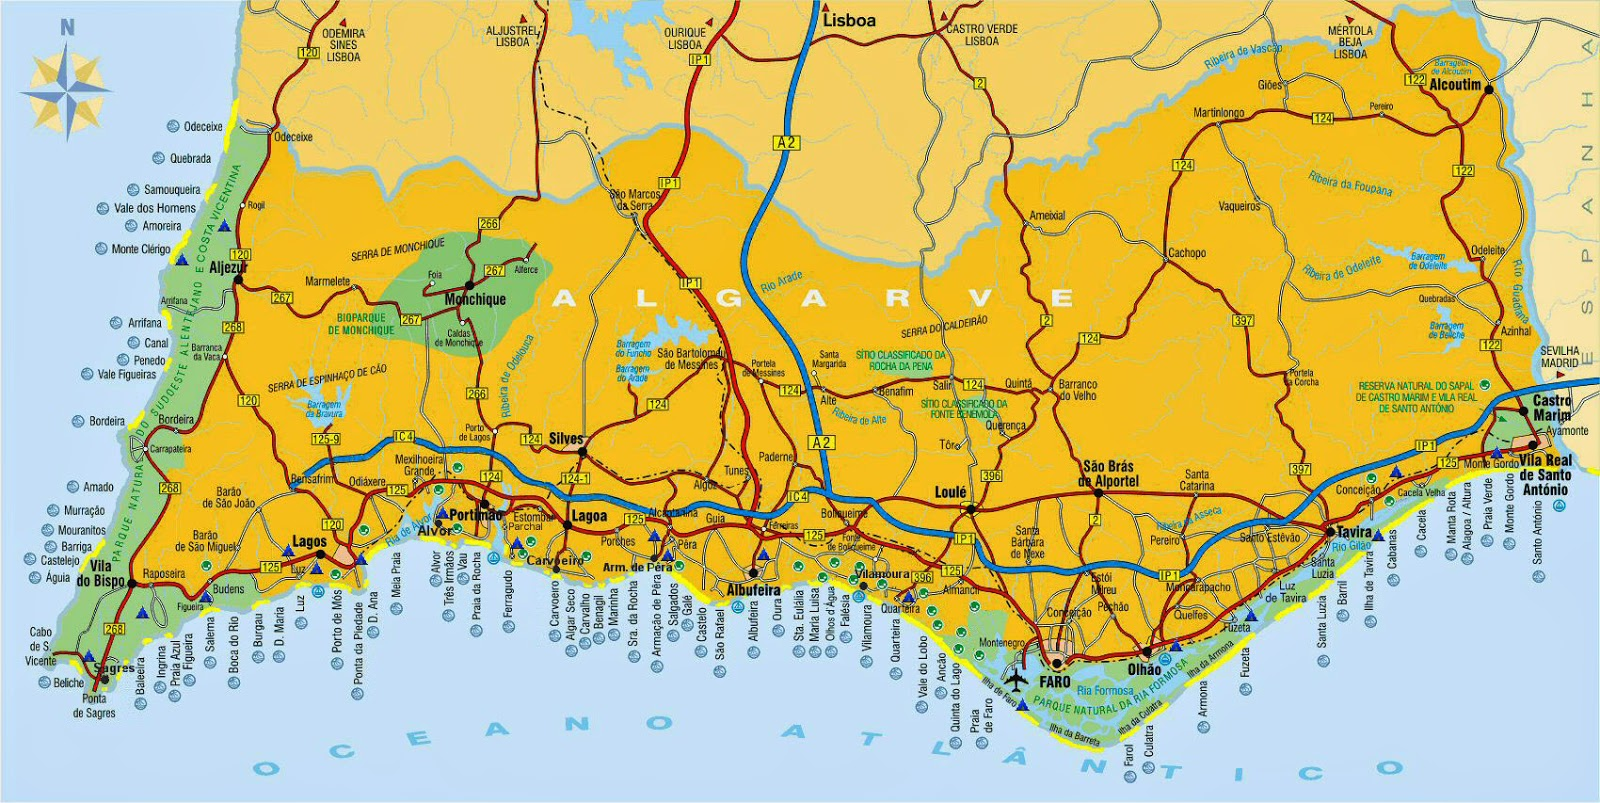 praias mapa de portugal Mapas de Lagos   Portugal | MapasBlog praias mapa de portugal